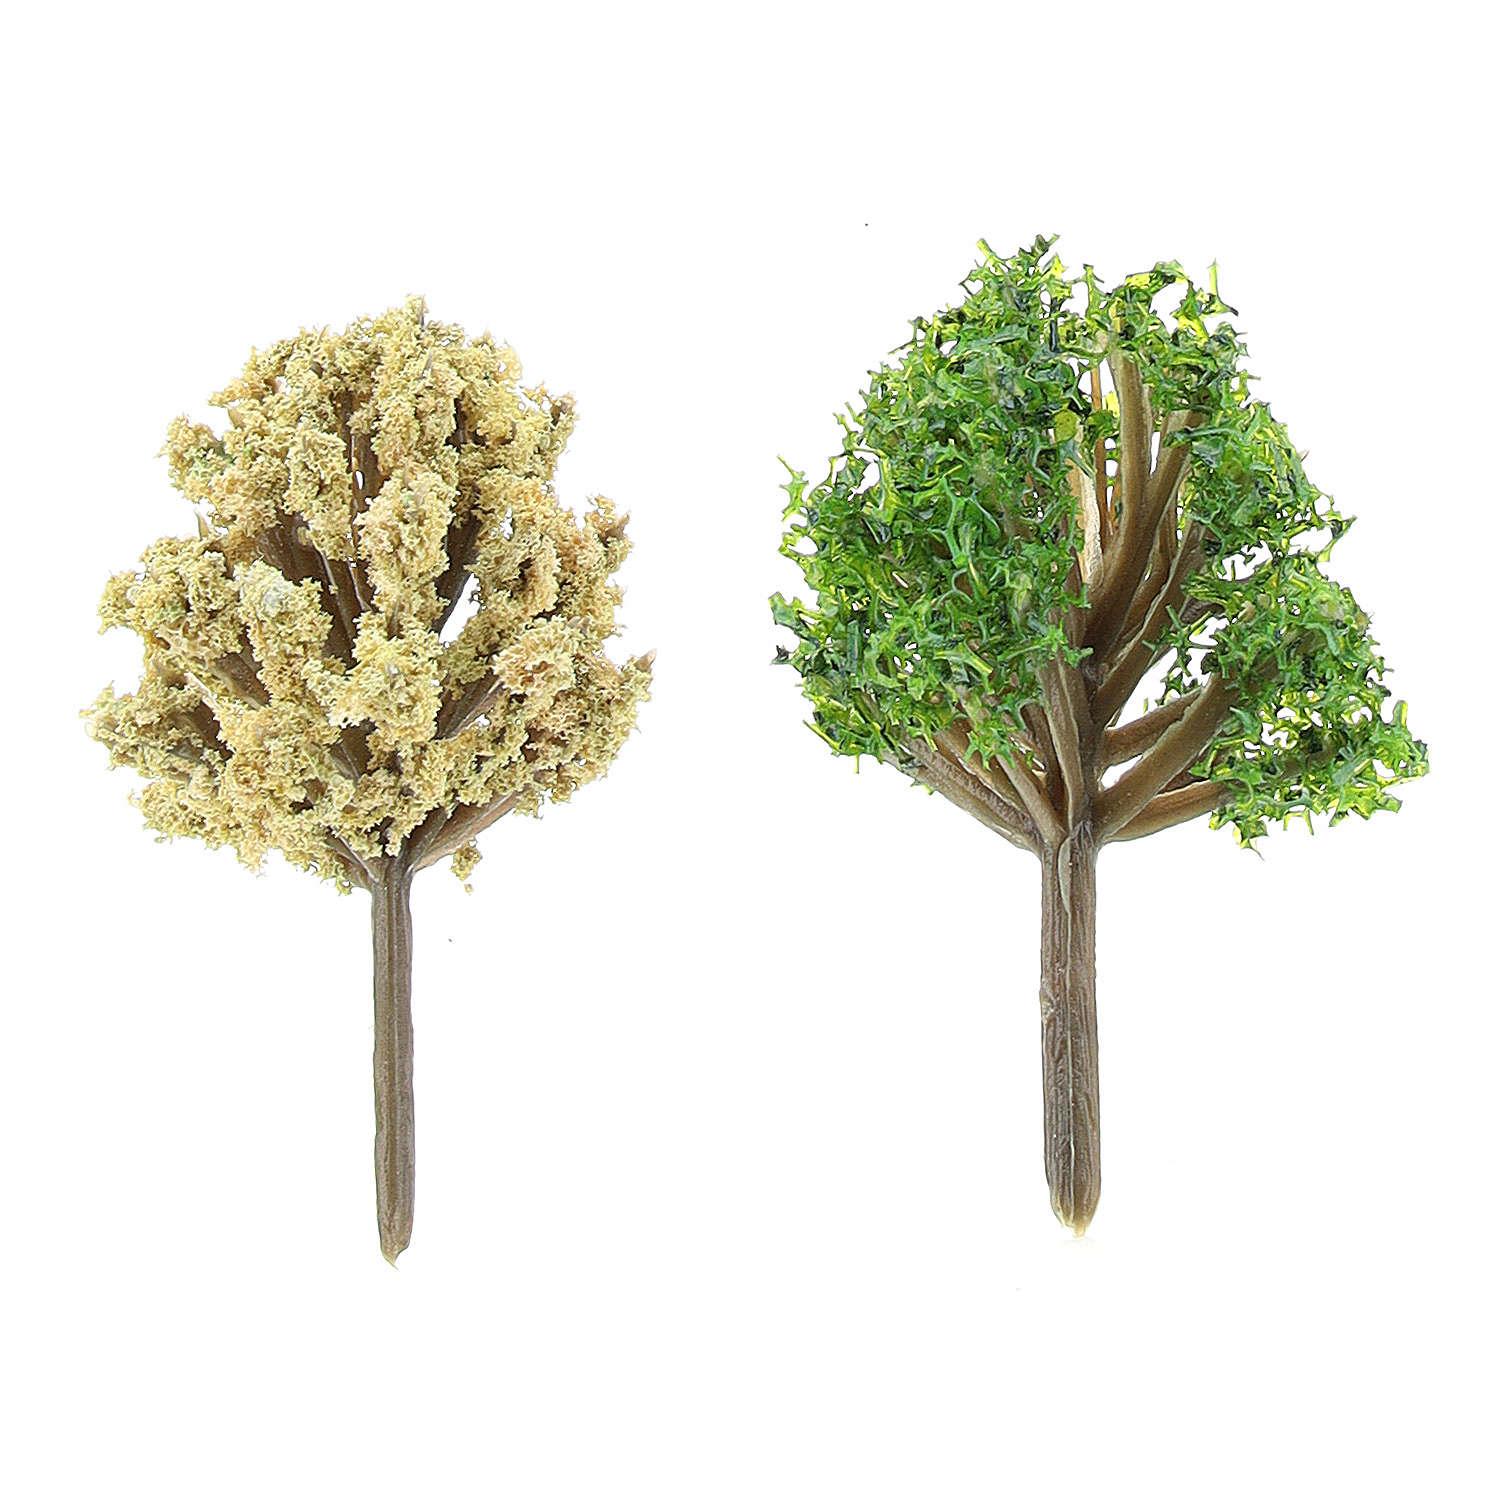 Miniature shrubs assorted 2 pcs, for 6-10 cm Moranduzzo nativity 4